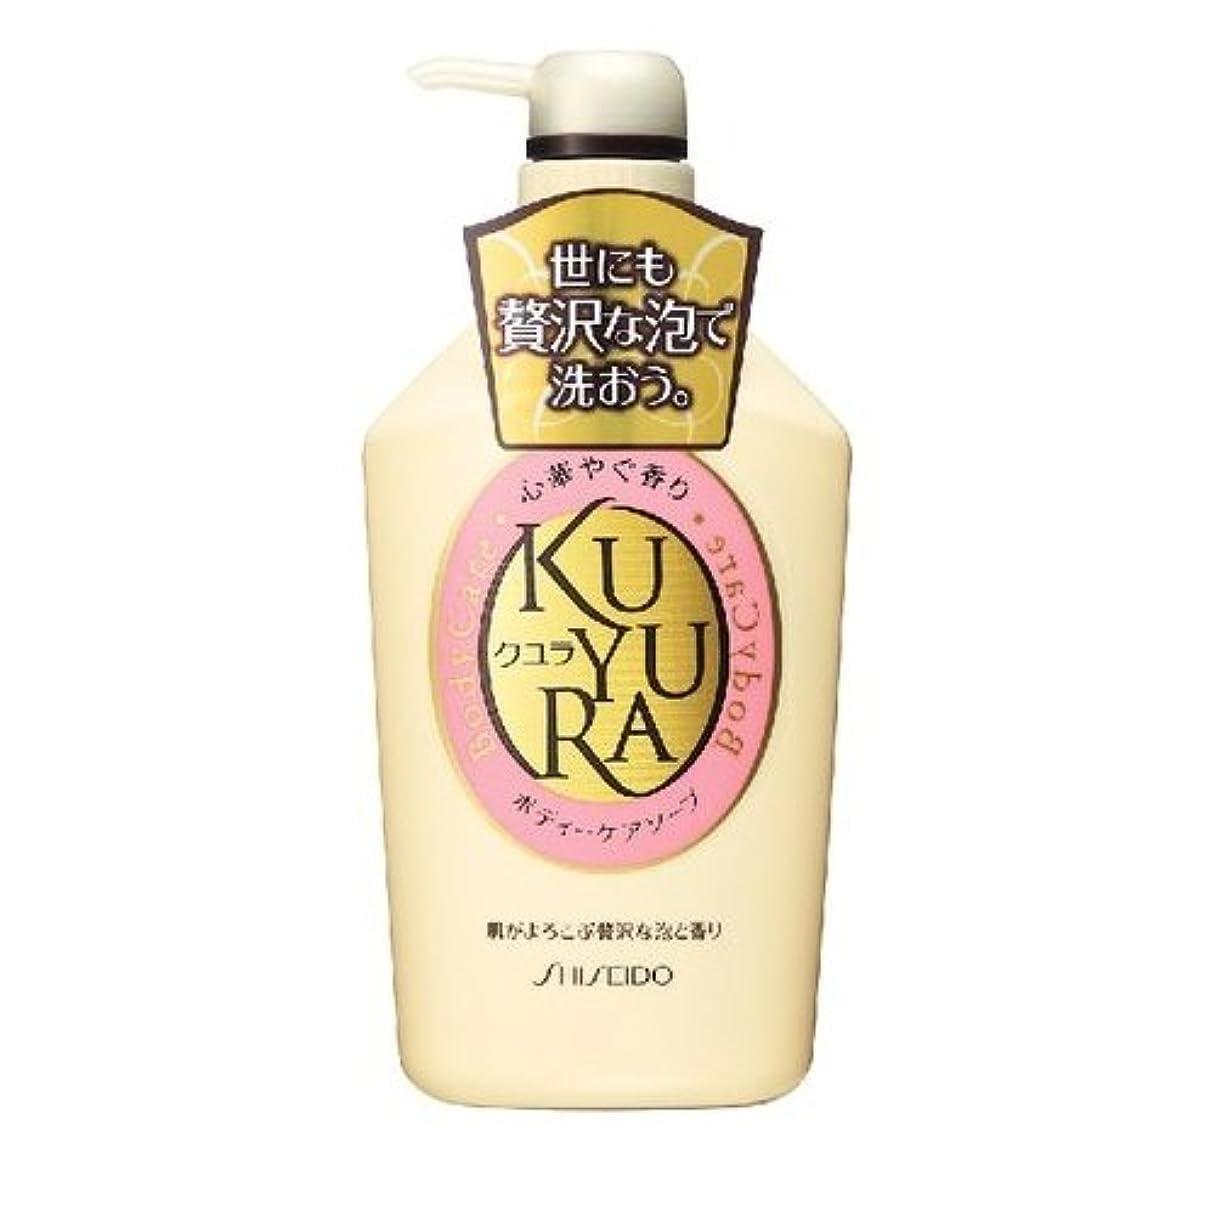 クユラ ボディケアソープ 心華やぐ香り ジャンボサイズ550ml